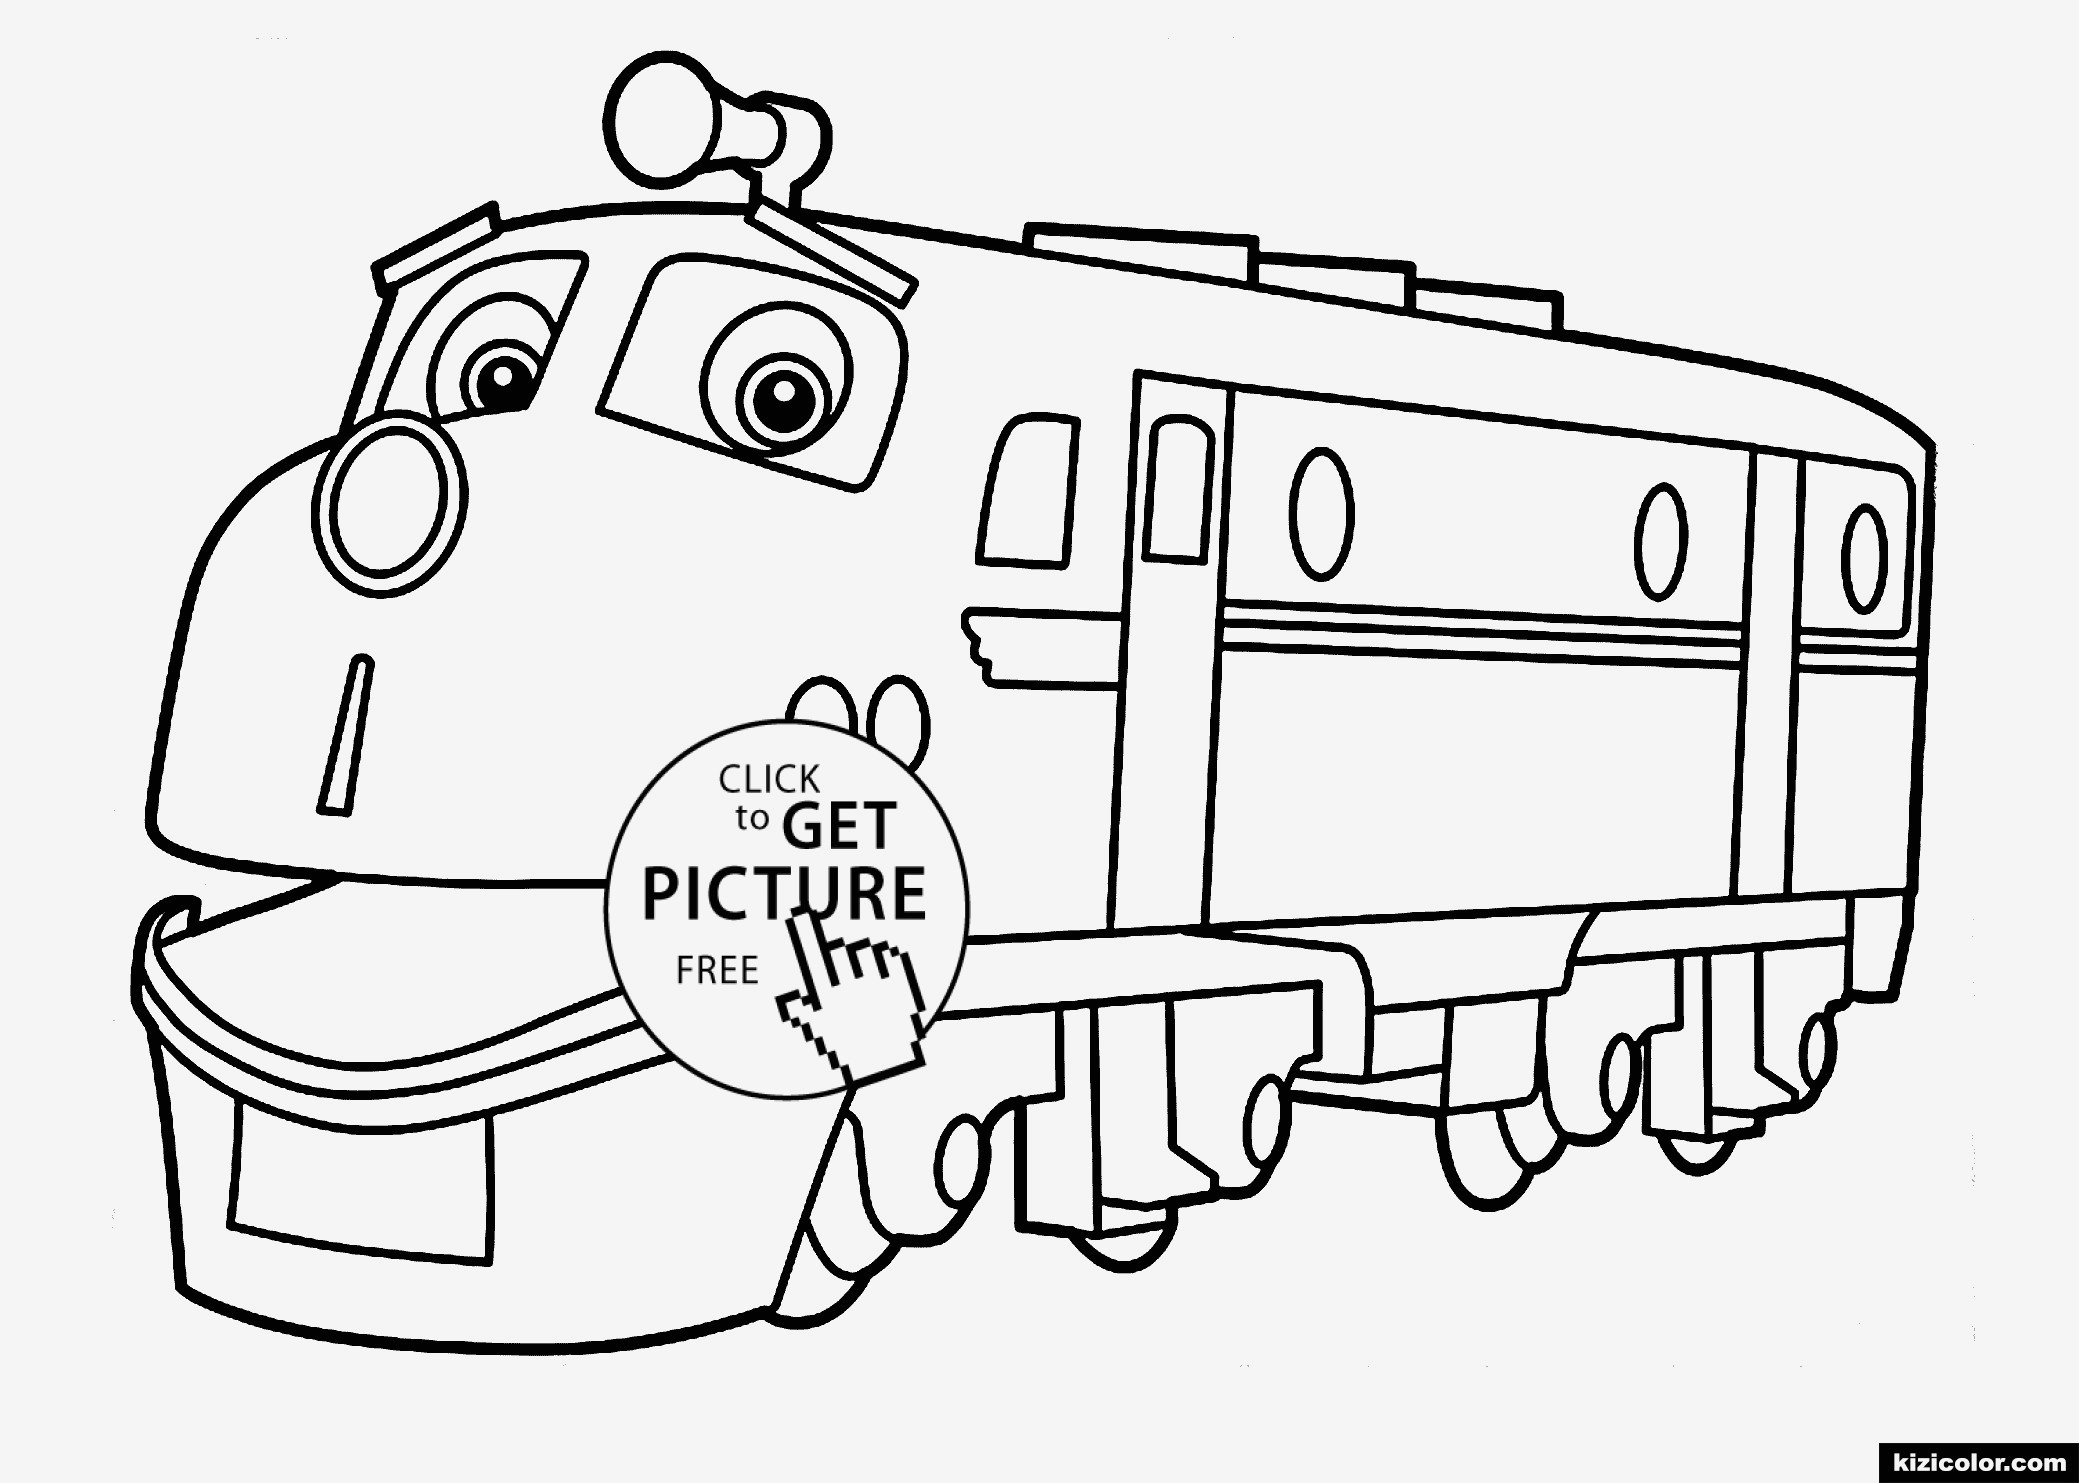 Ladybug Maske Zum Ausdrucken Inspirierend Malvorlagen Lokomotive Kostenlos Beispielbilder Färben Ausmalbilder Fotografieren